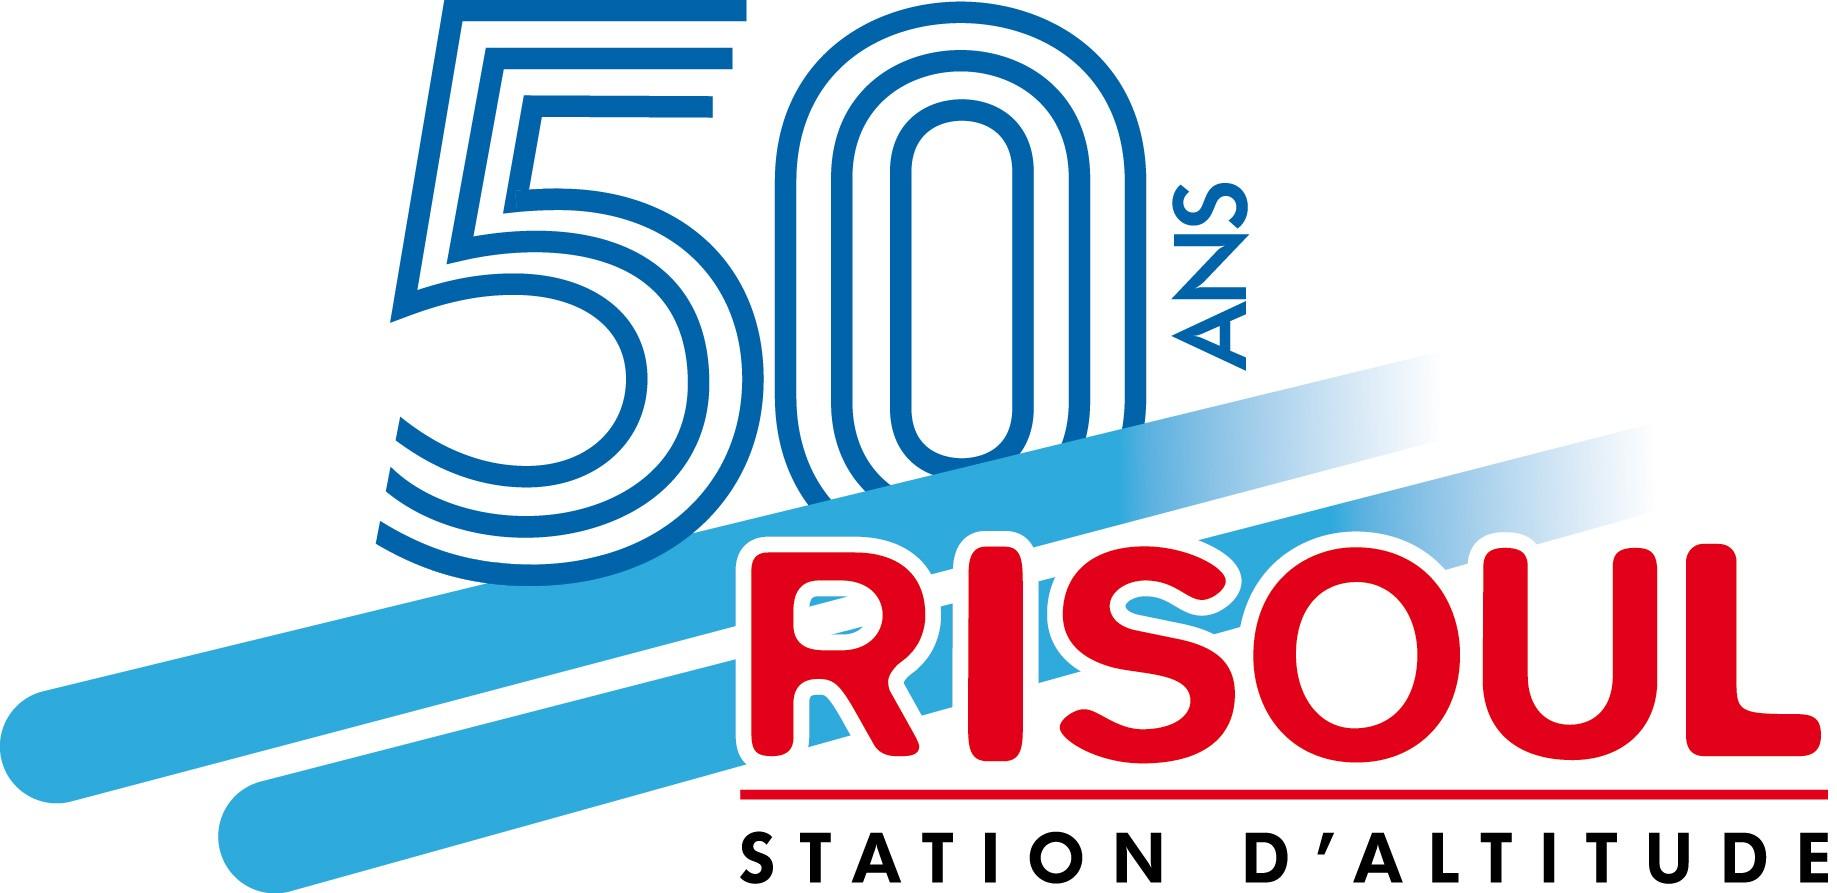 logo-risoul-50ans-ok-vecto-fond-blanc-435363